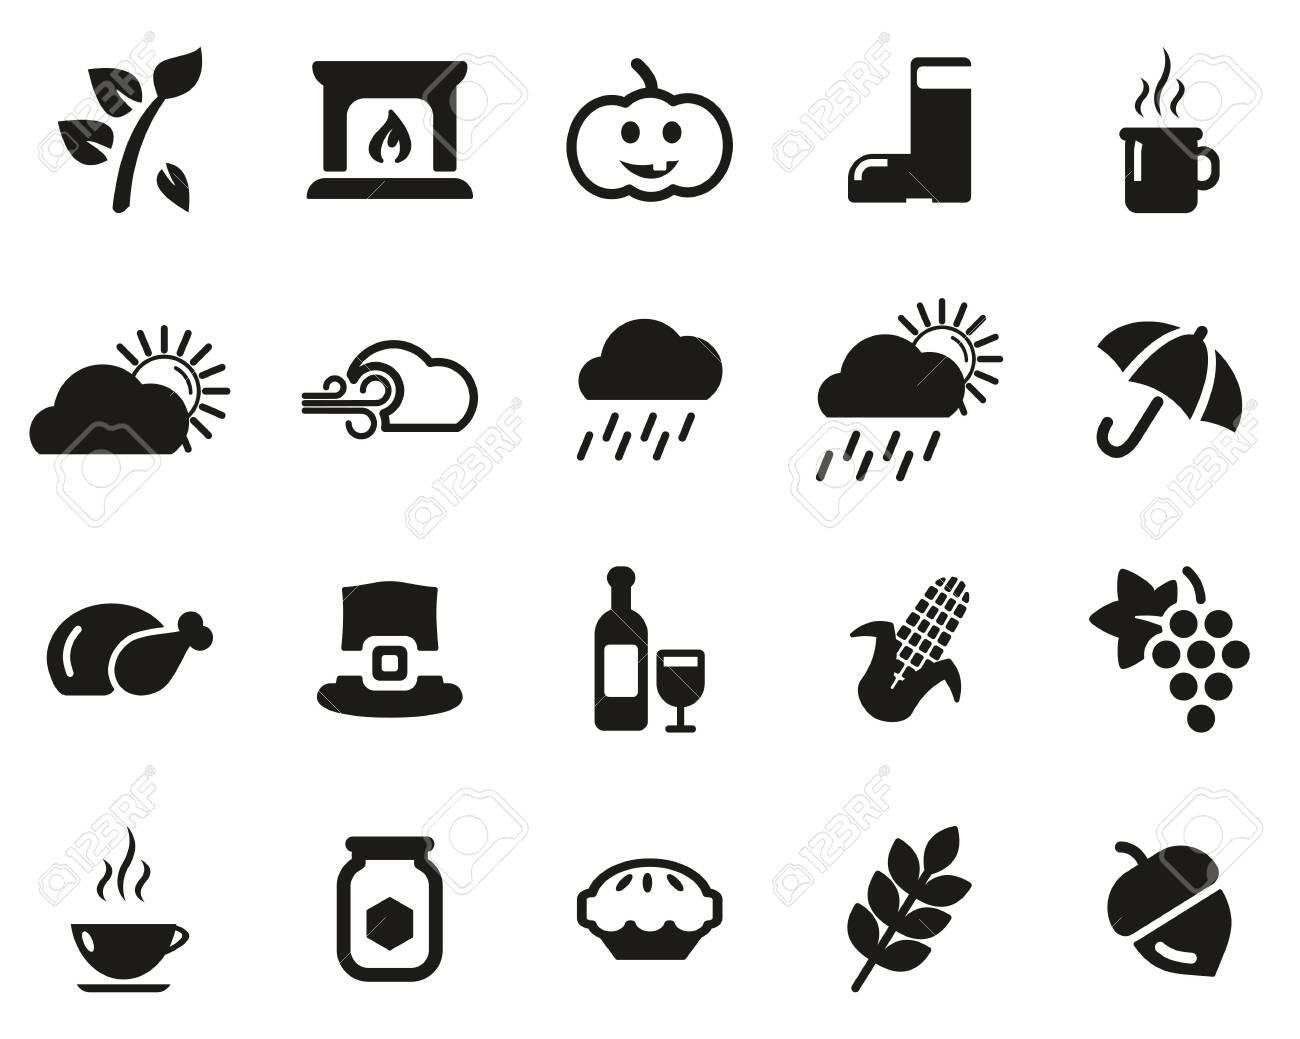 Autumn Or Fall Icons Black & White Set Big - 136806781